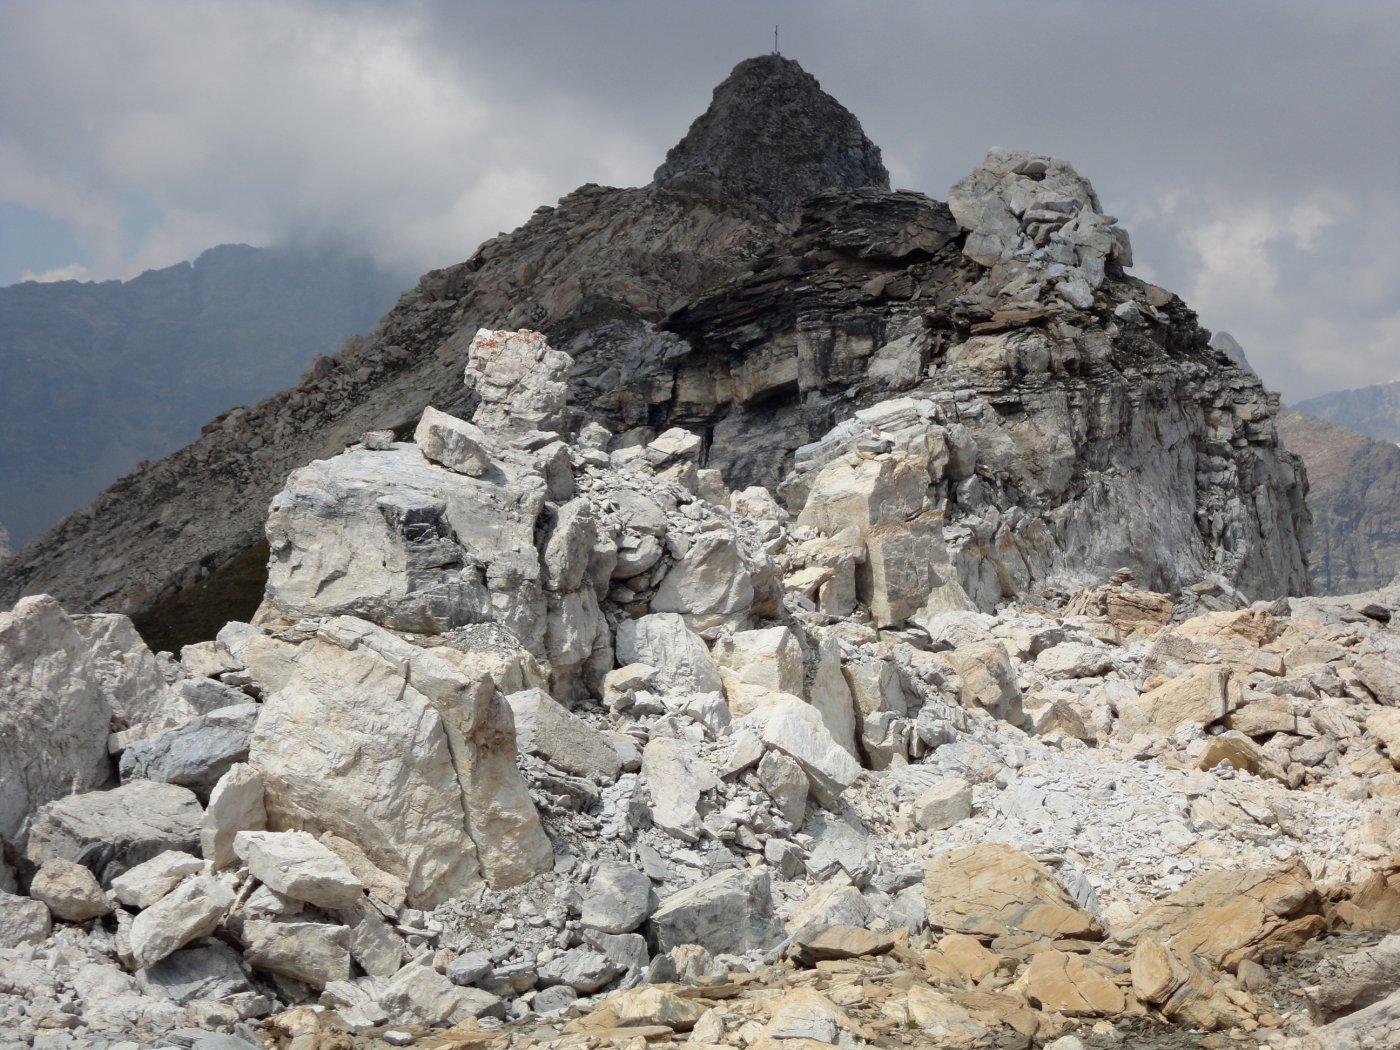 l'ultimo tratto con le rocce chiare che danno il nome alla cima